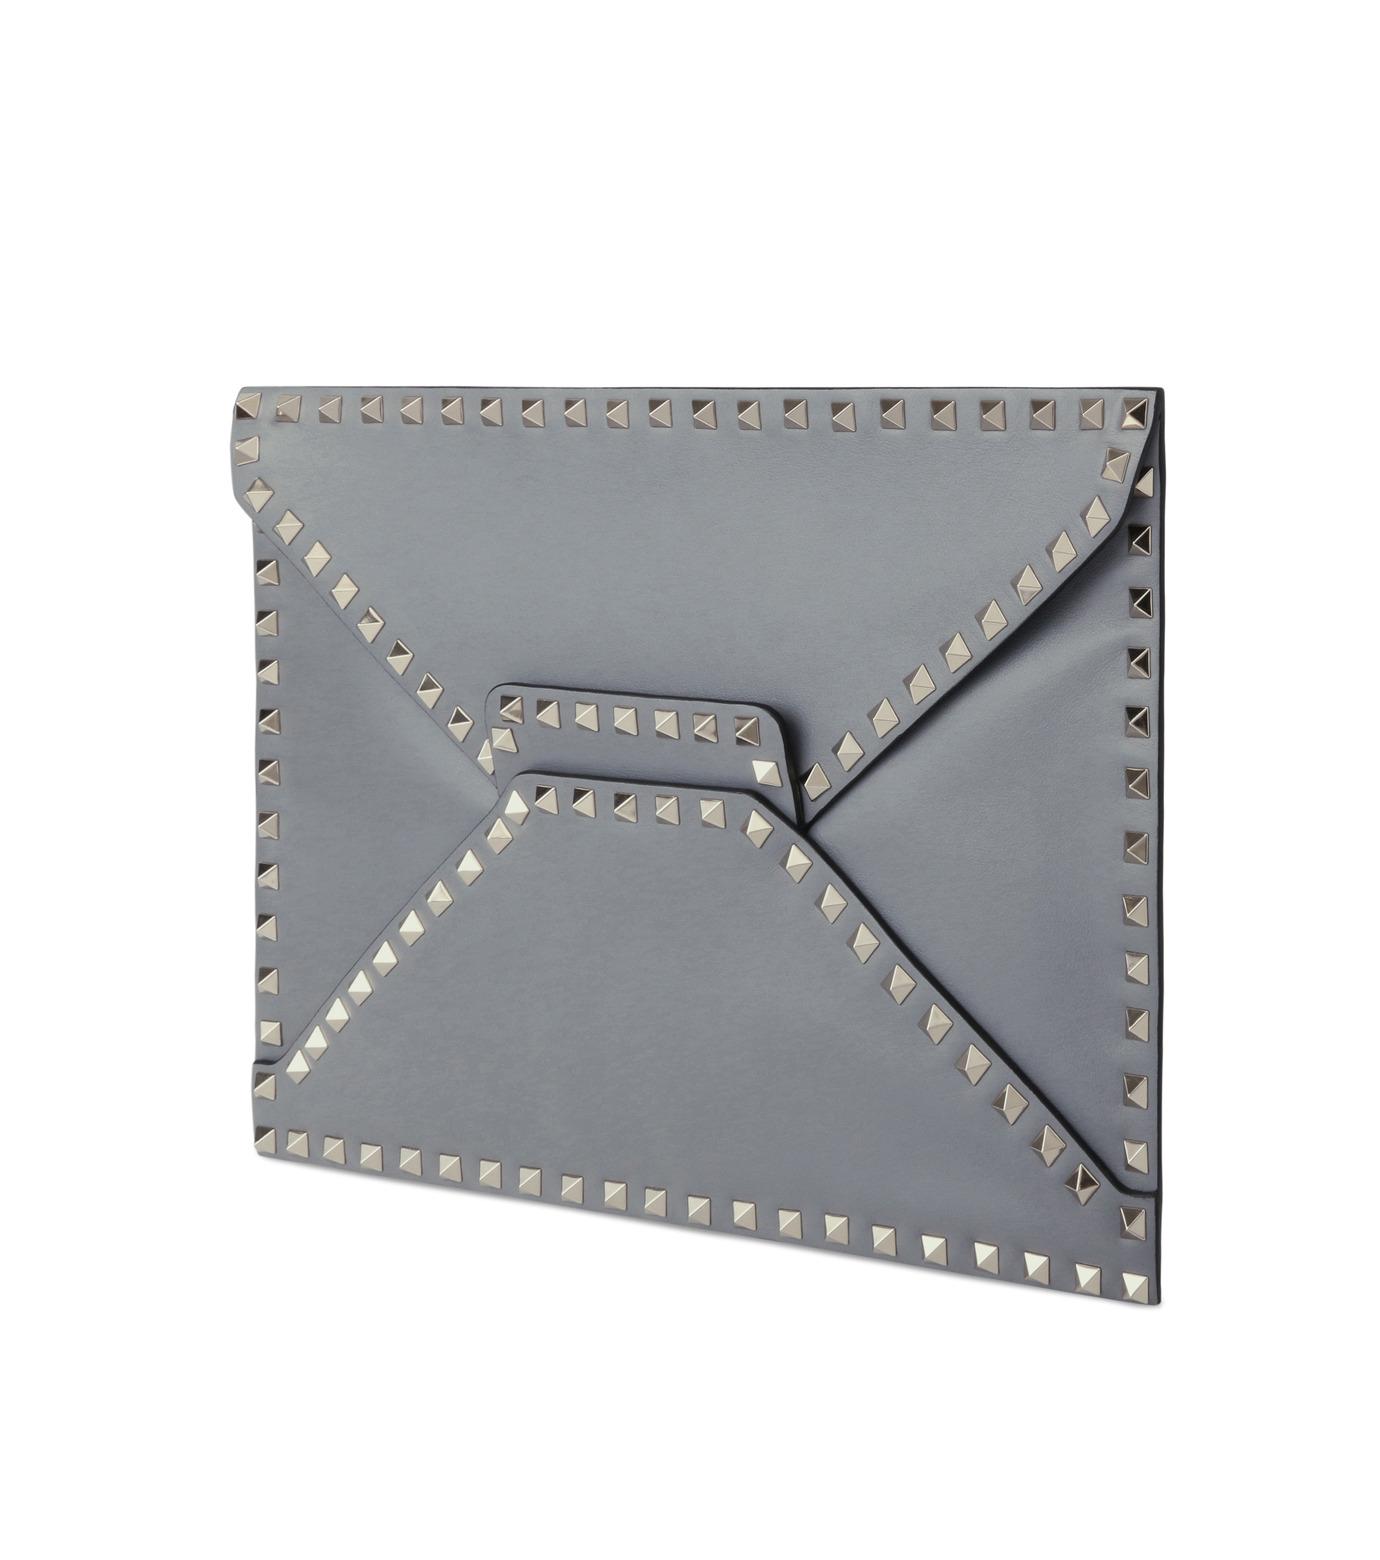 VALENTINO GARAVANI(ヴァレンティノ ガラヴァーニ)のRockstuds Envelop Clutch-GRAY(クラッチバッグ/clutch bag)-LW2B0100BOL-11 拡大詳細画像2